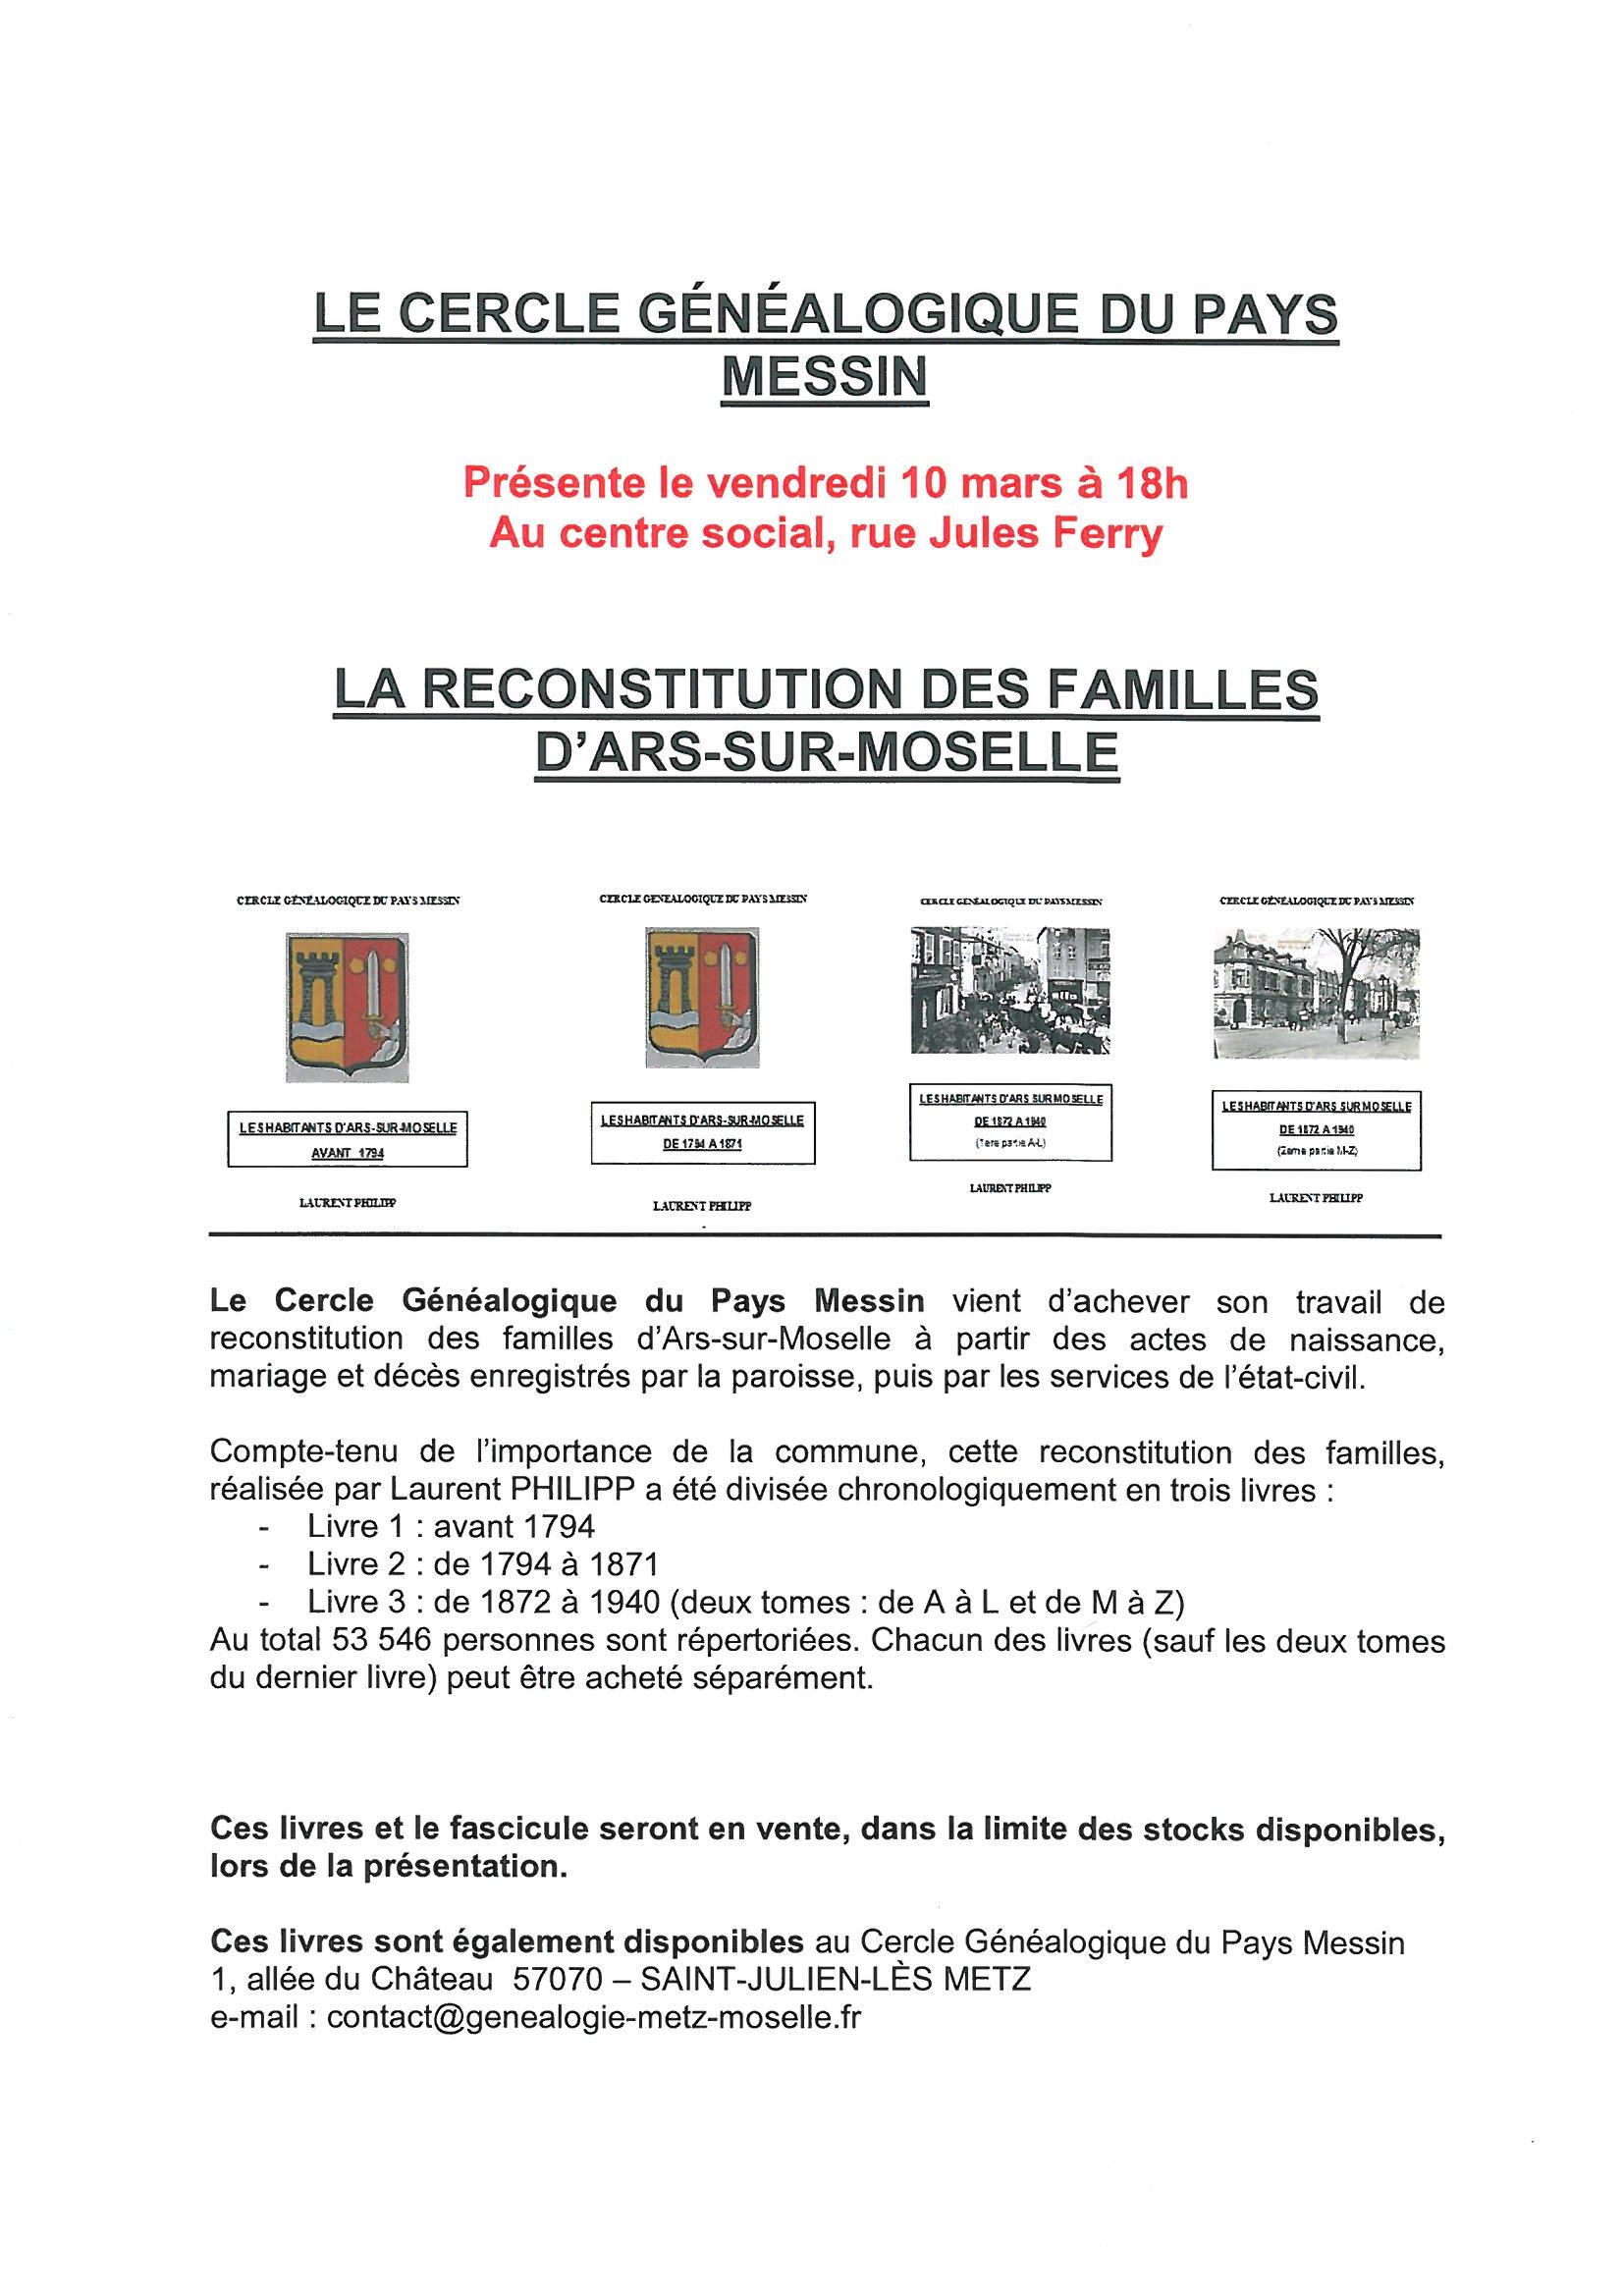 CONFERENCE SUR LA RECONSTITUTION DES FAMILLES vendredi 10 mars